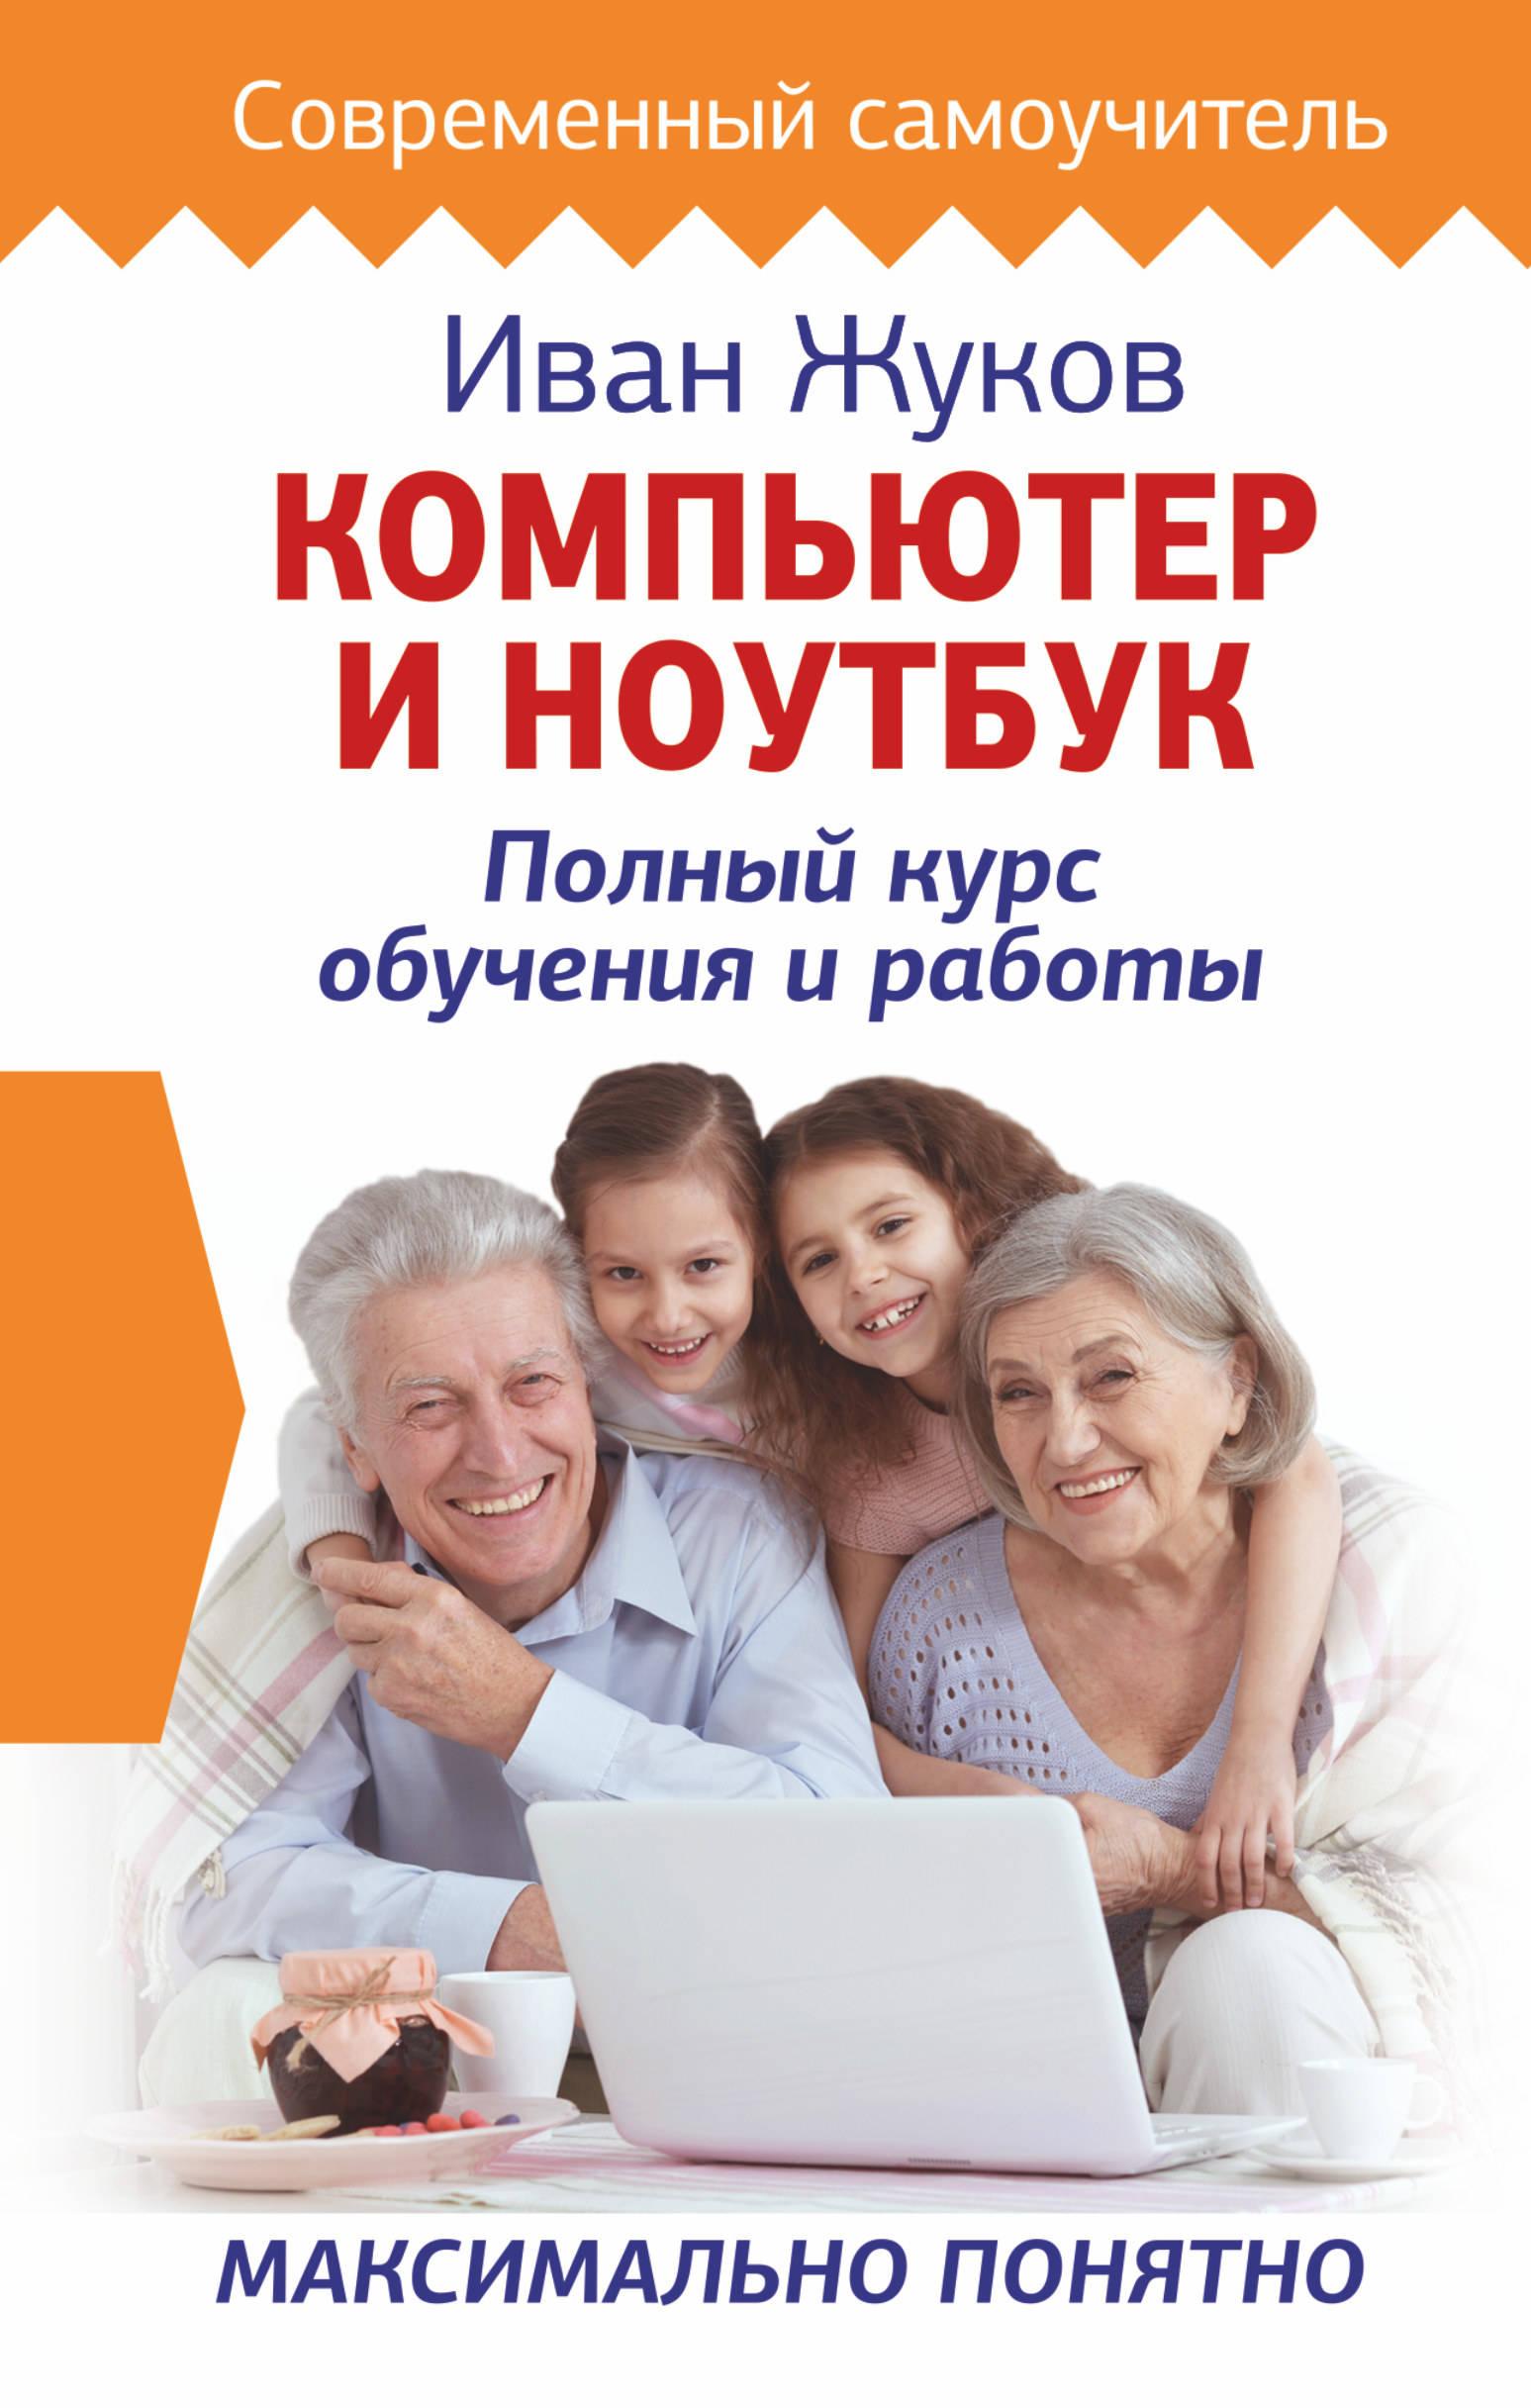 Жуков Иван Компьютер и ноутбук. Полный курс обучения и работы книги эксмо компьютер и ноутбук для детей